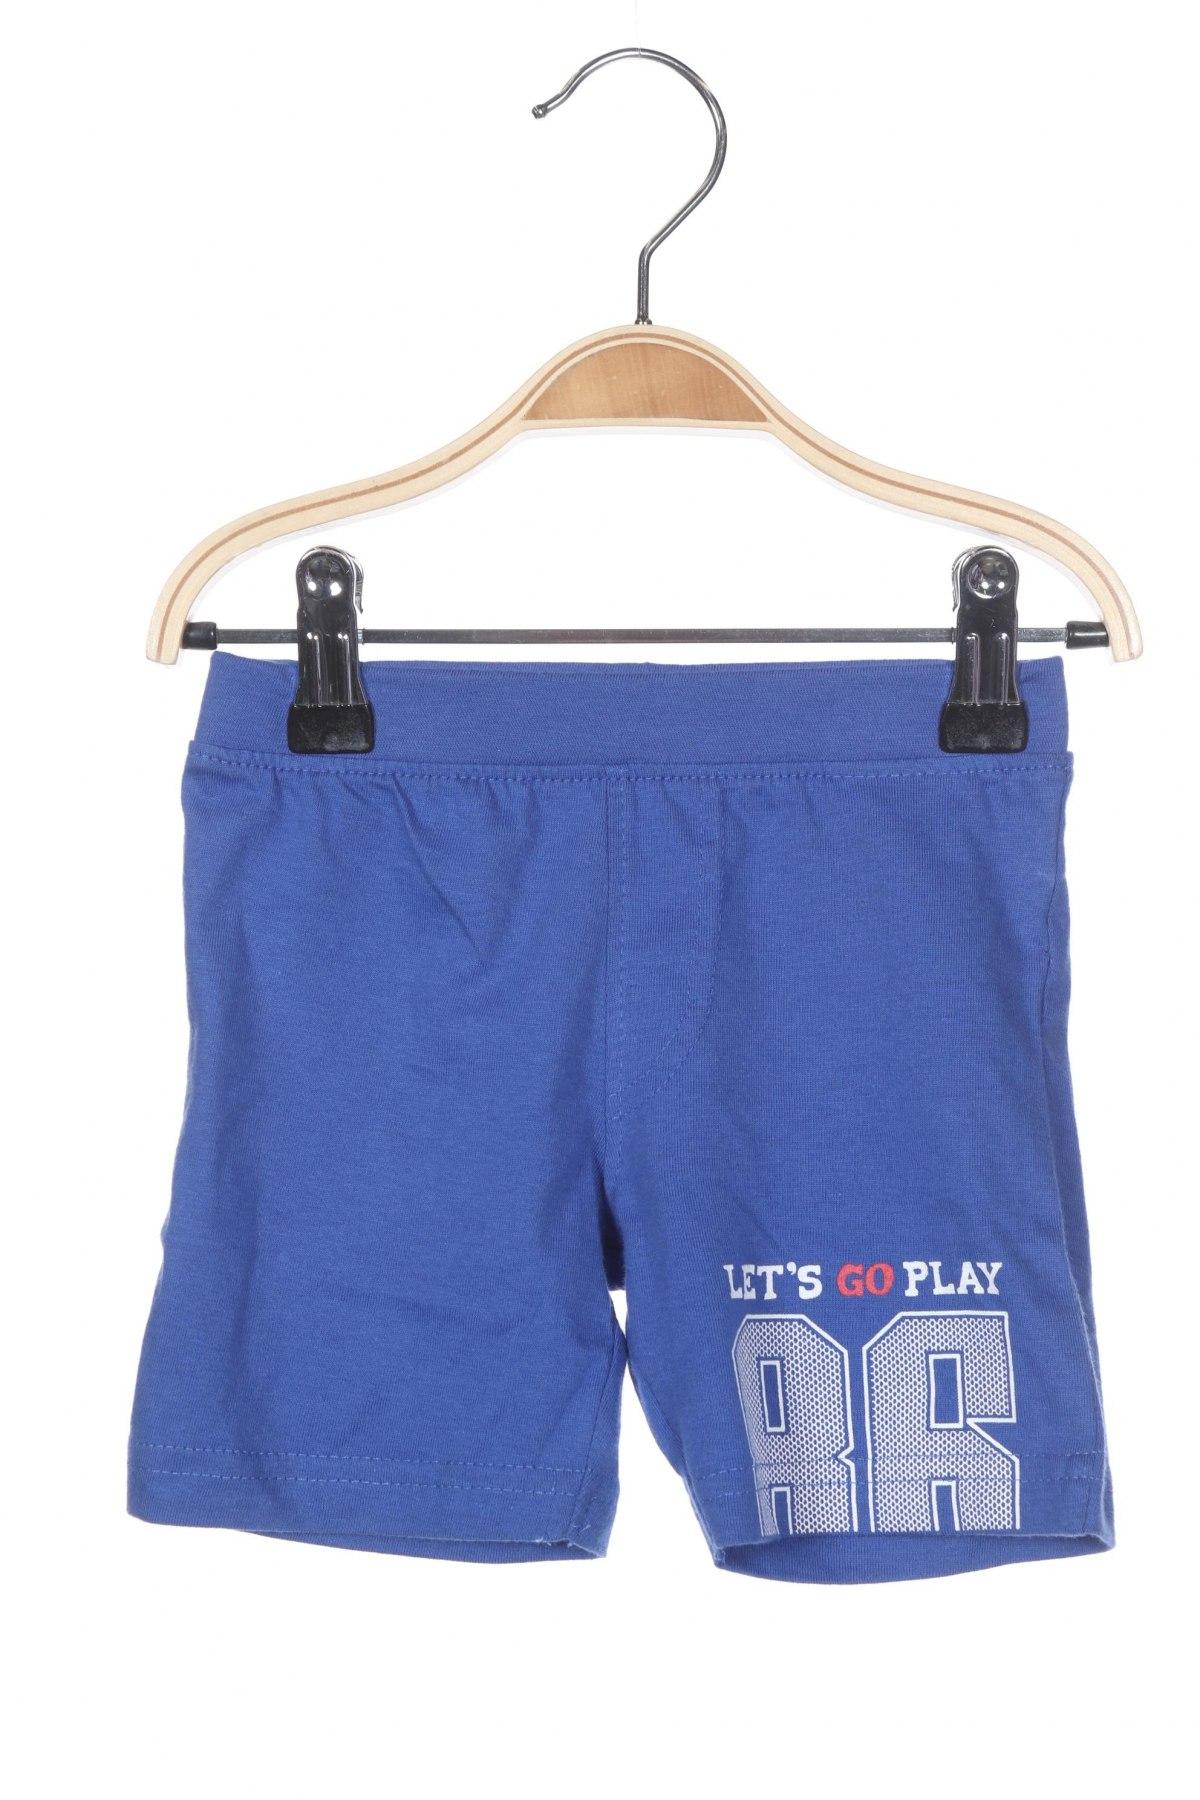 Παιδικό κοντό παντελόνι Blue Seven, Μέγεθος 3-6m/ 62-68 εκ., Χρώμα Μπλέ, 100% βαμβάκι, Τιμή 11,21€